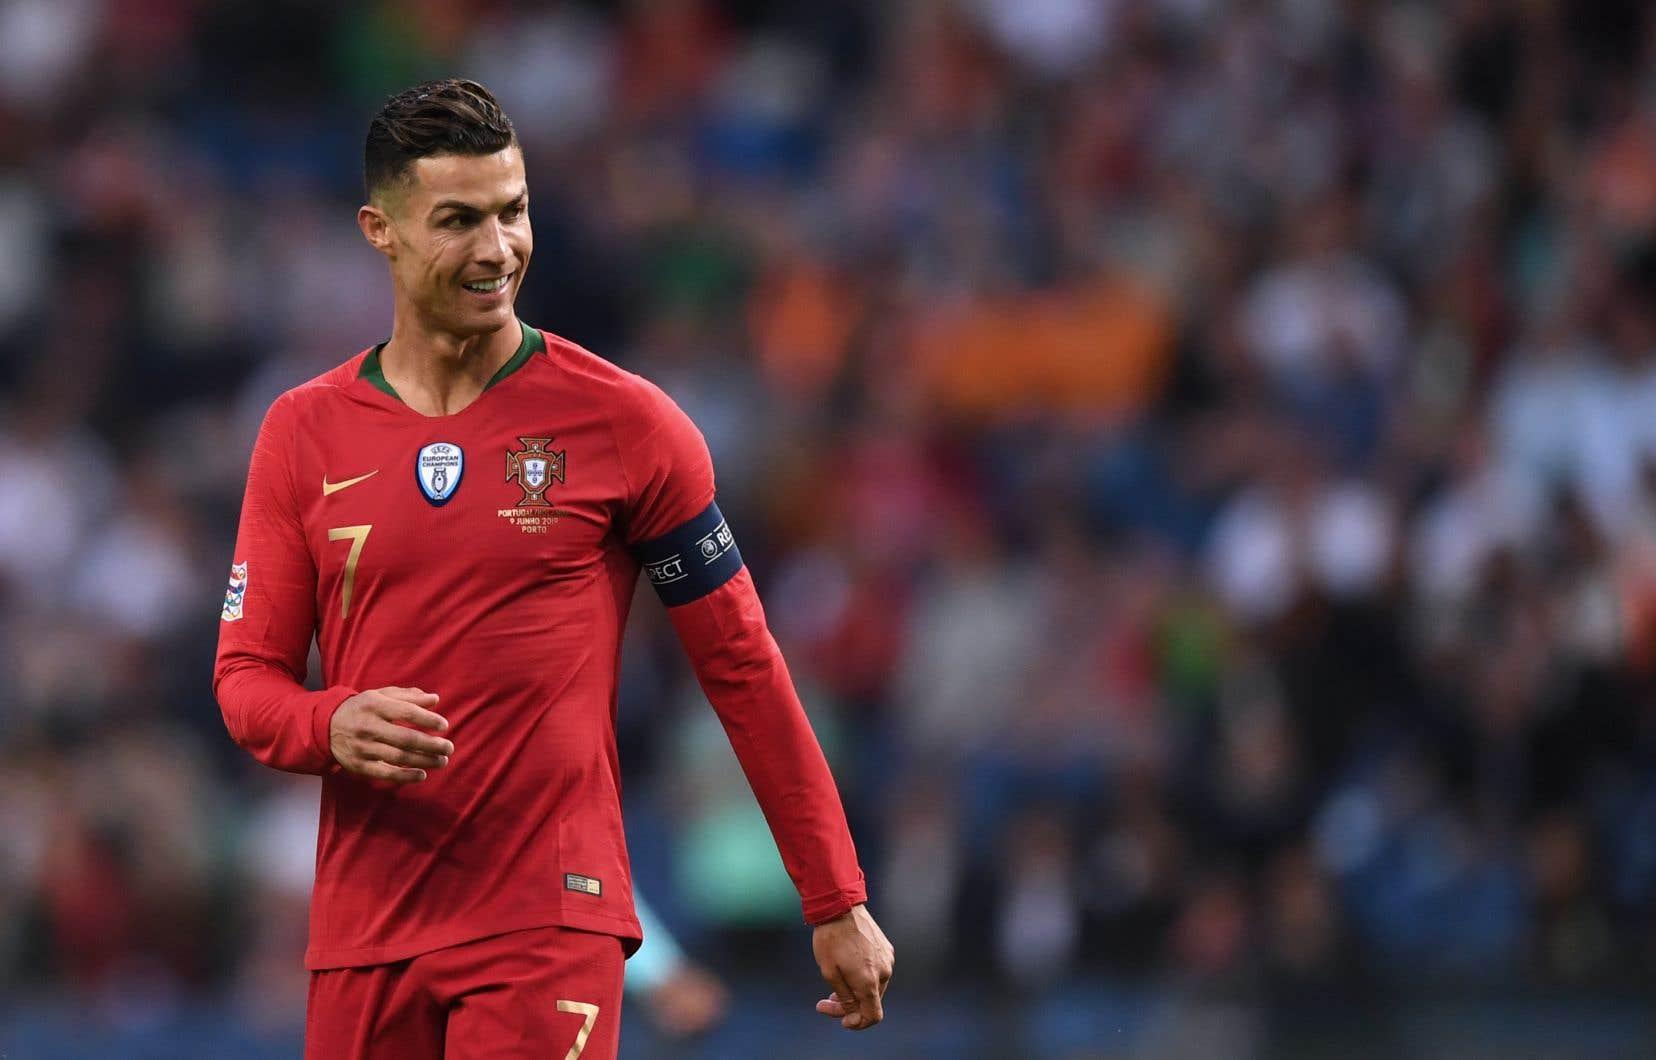 La poursuite cherche à annuler l'accord et à collecter au moins 200000$ de plus de la vedette de Juventus.